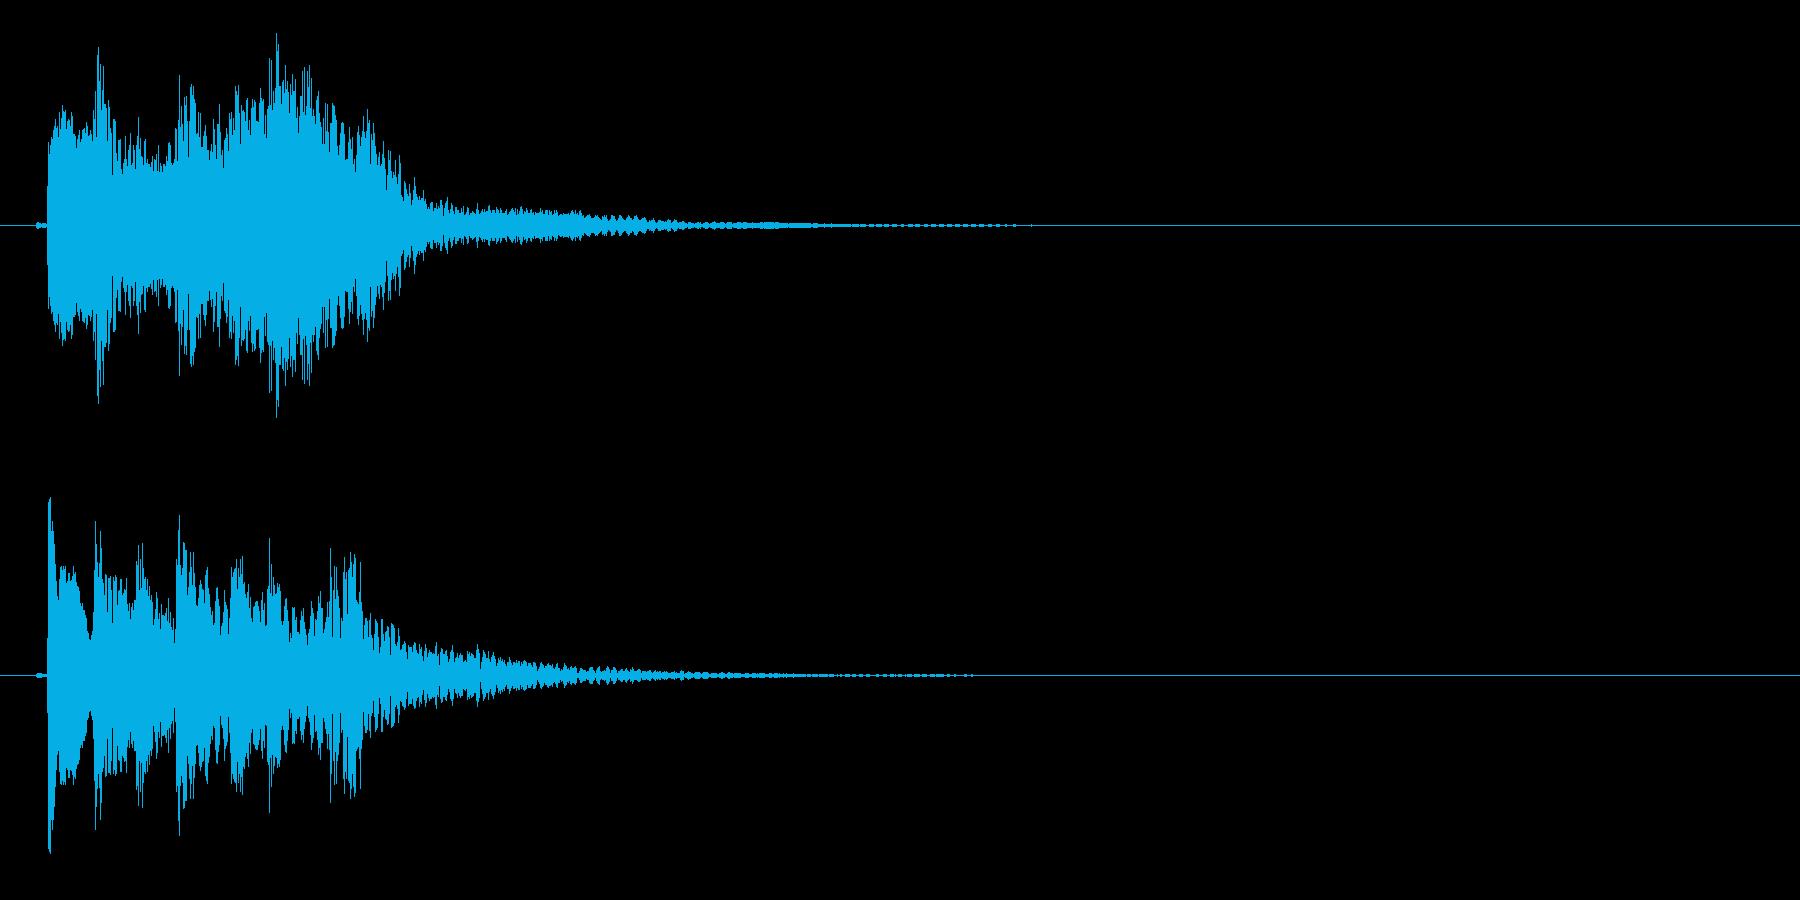 琴のフレーズ2☆調律1☆リバーブ有の再生済みの波形